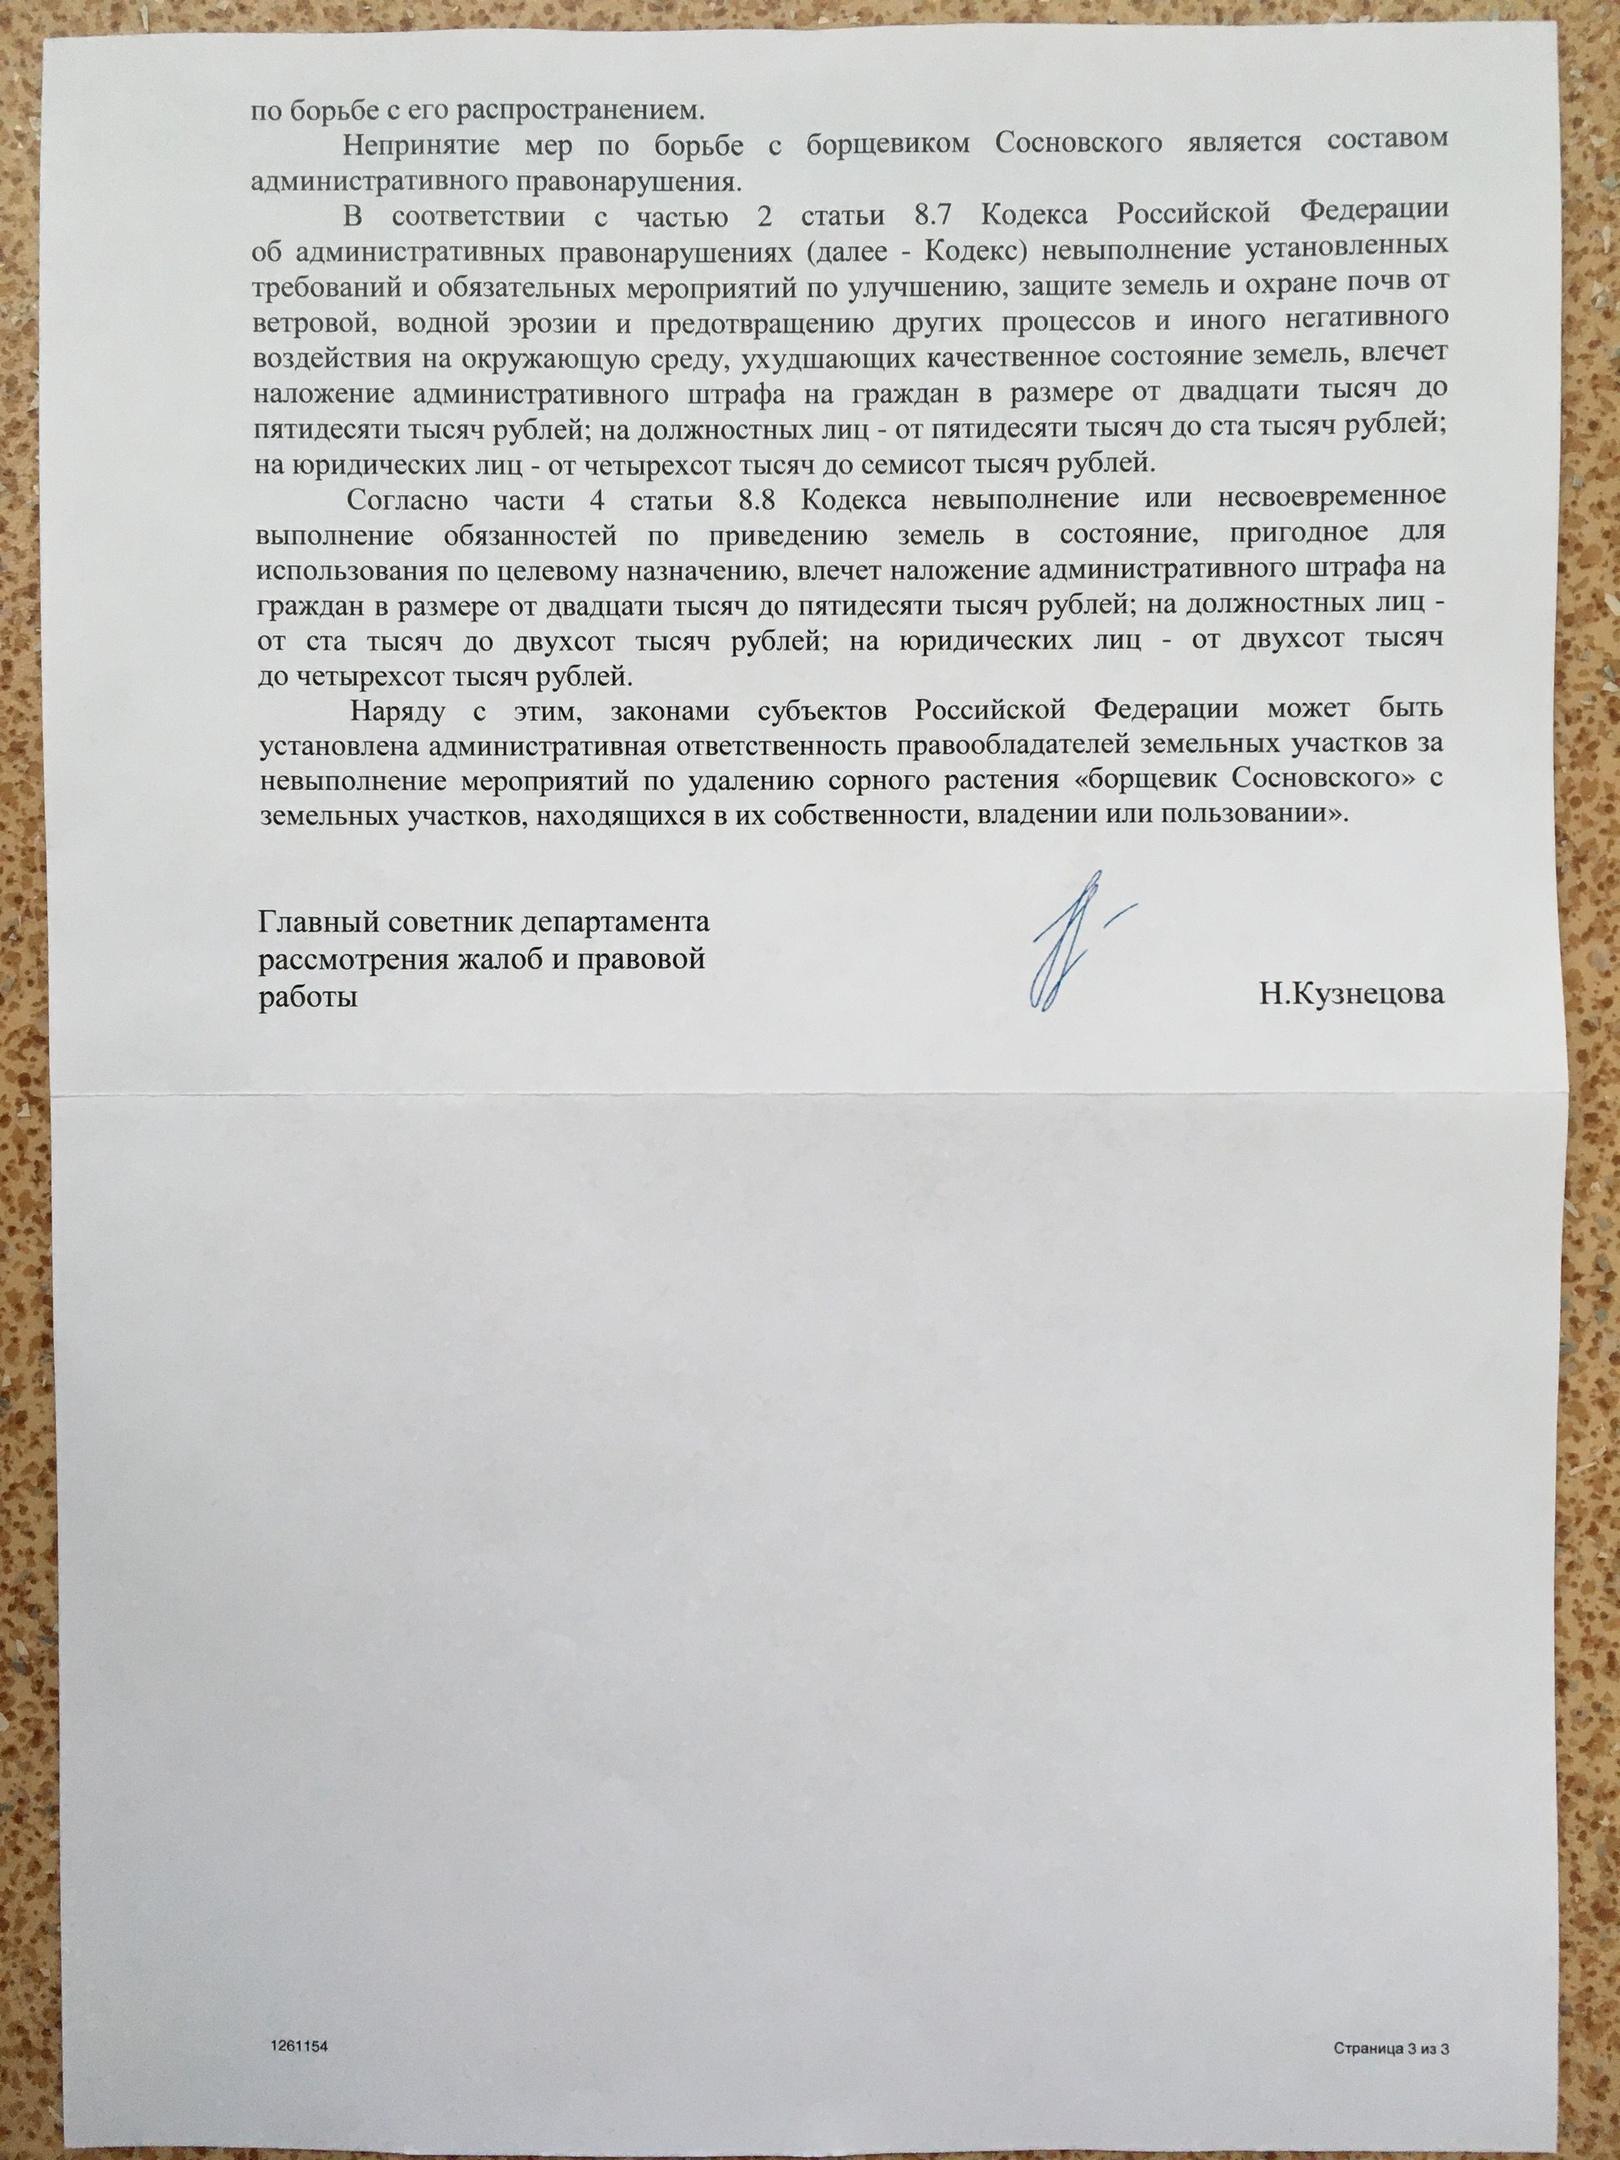 Ответ из администрации президента на предложение о федеральной программе борьбы с борщевиком